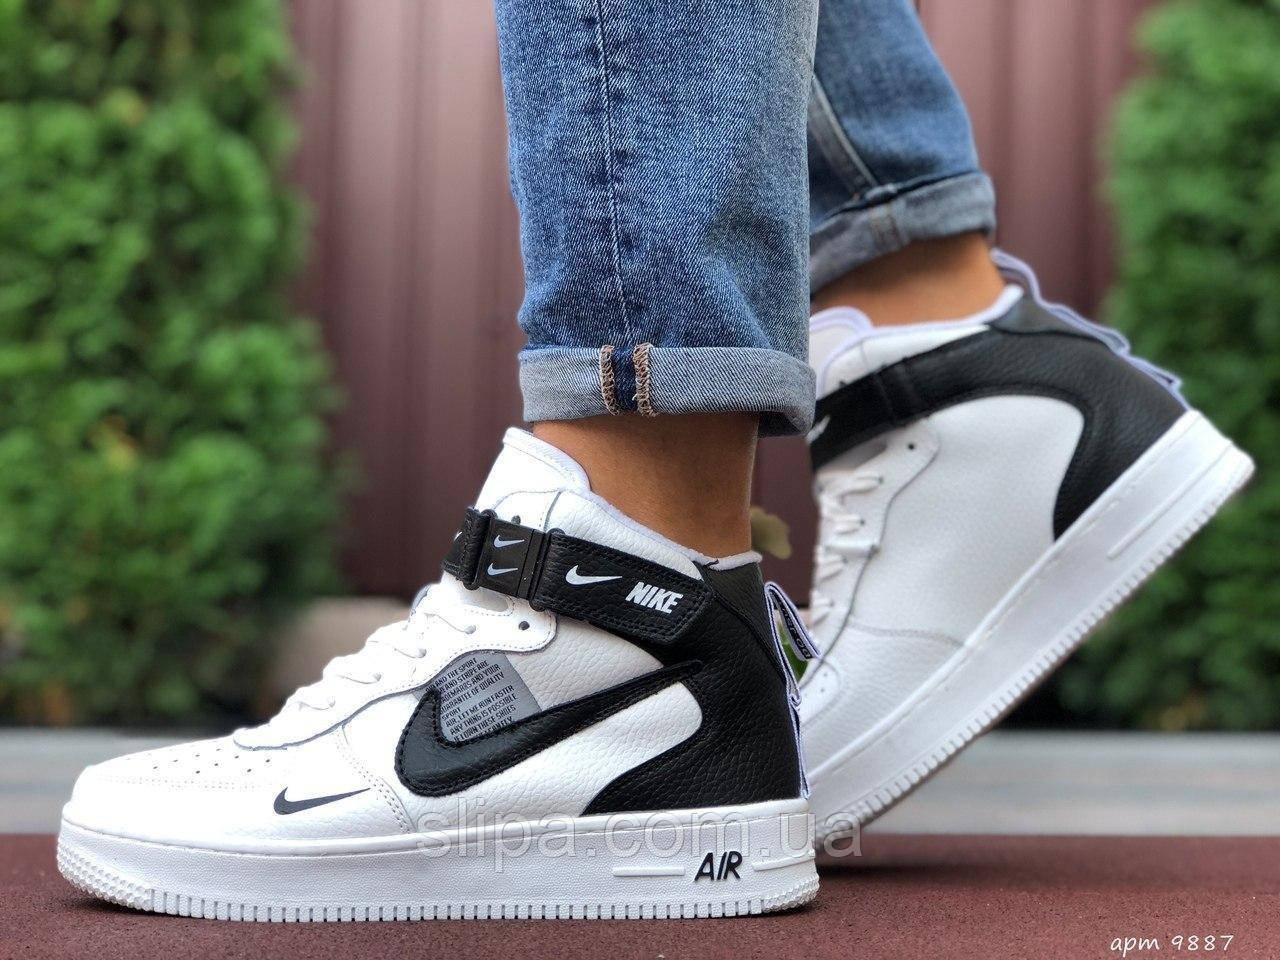 Чоловічі шкіряні кросівки Nike Air Force білі з чорним лого (термо)